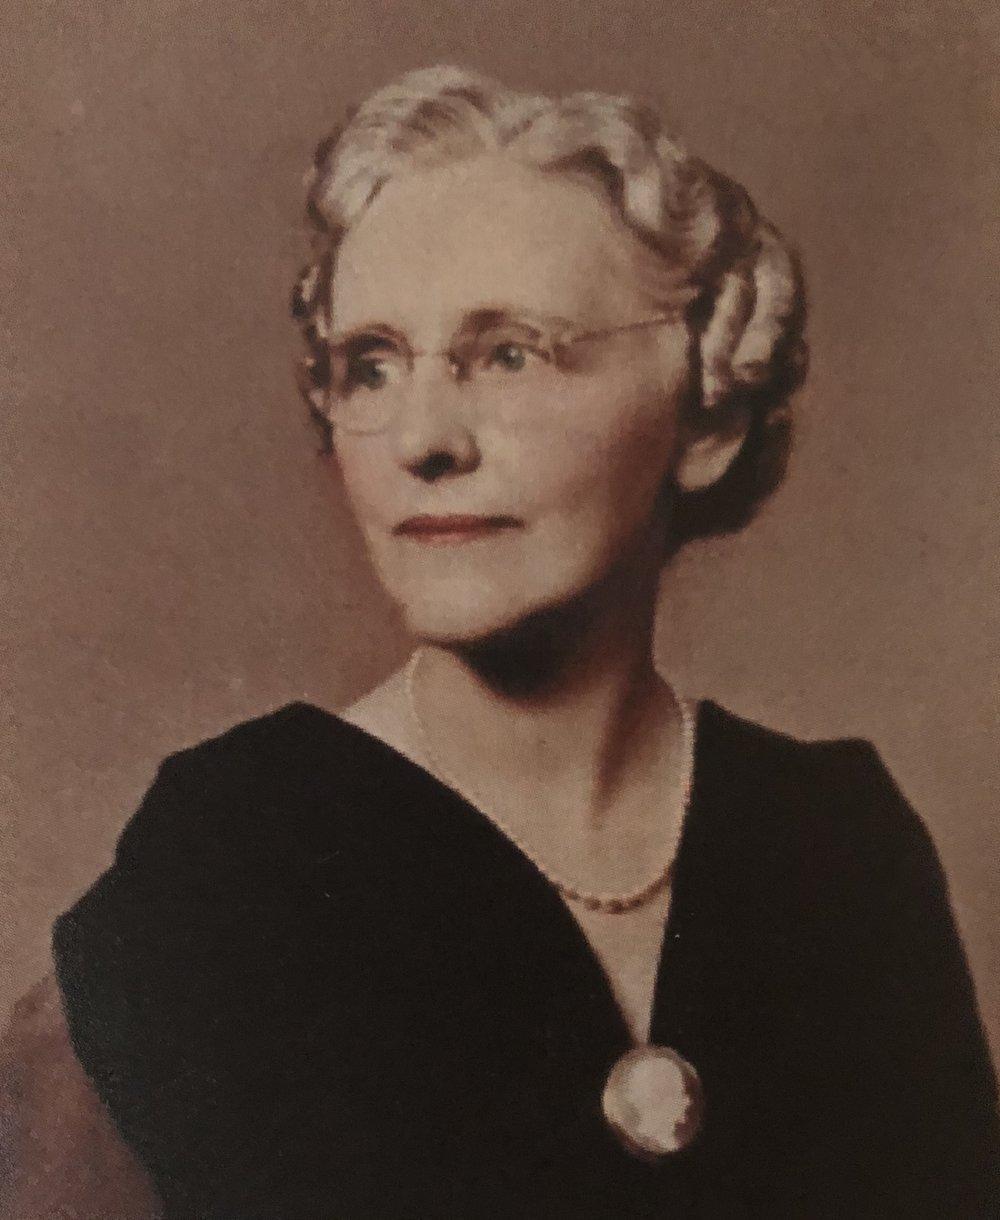 My maternal grandmother, Mother Little.